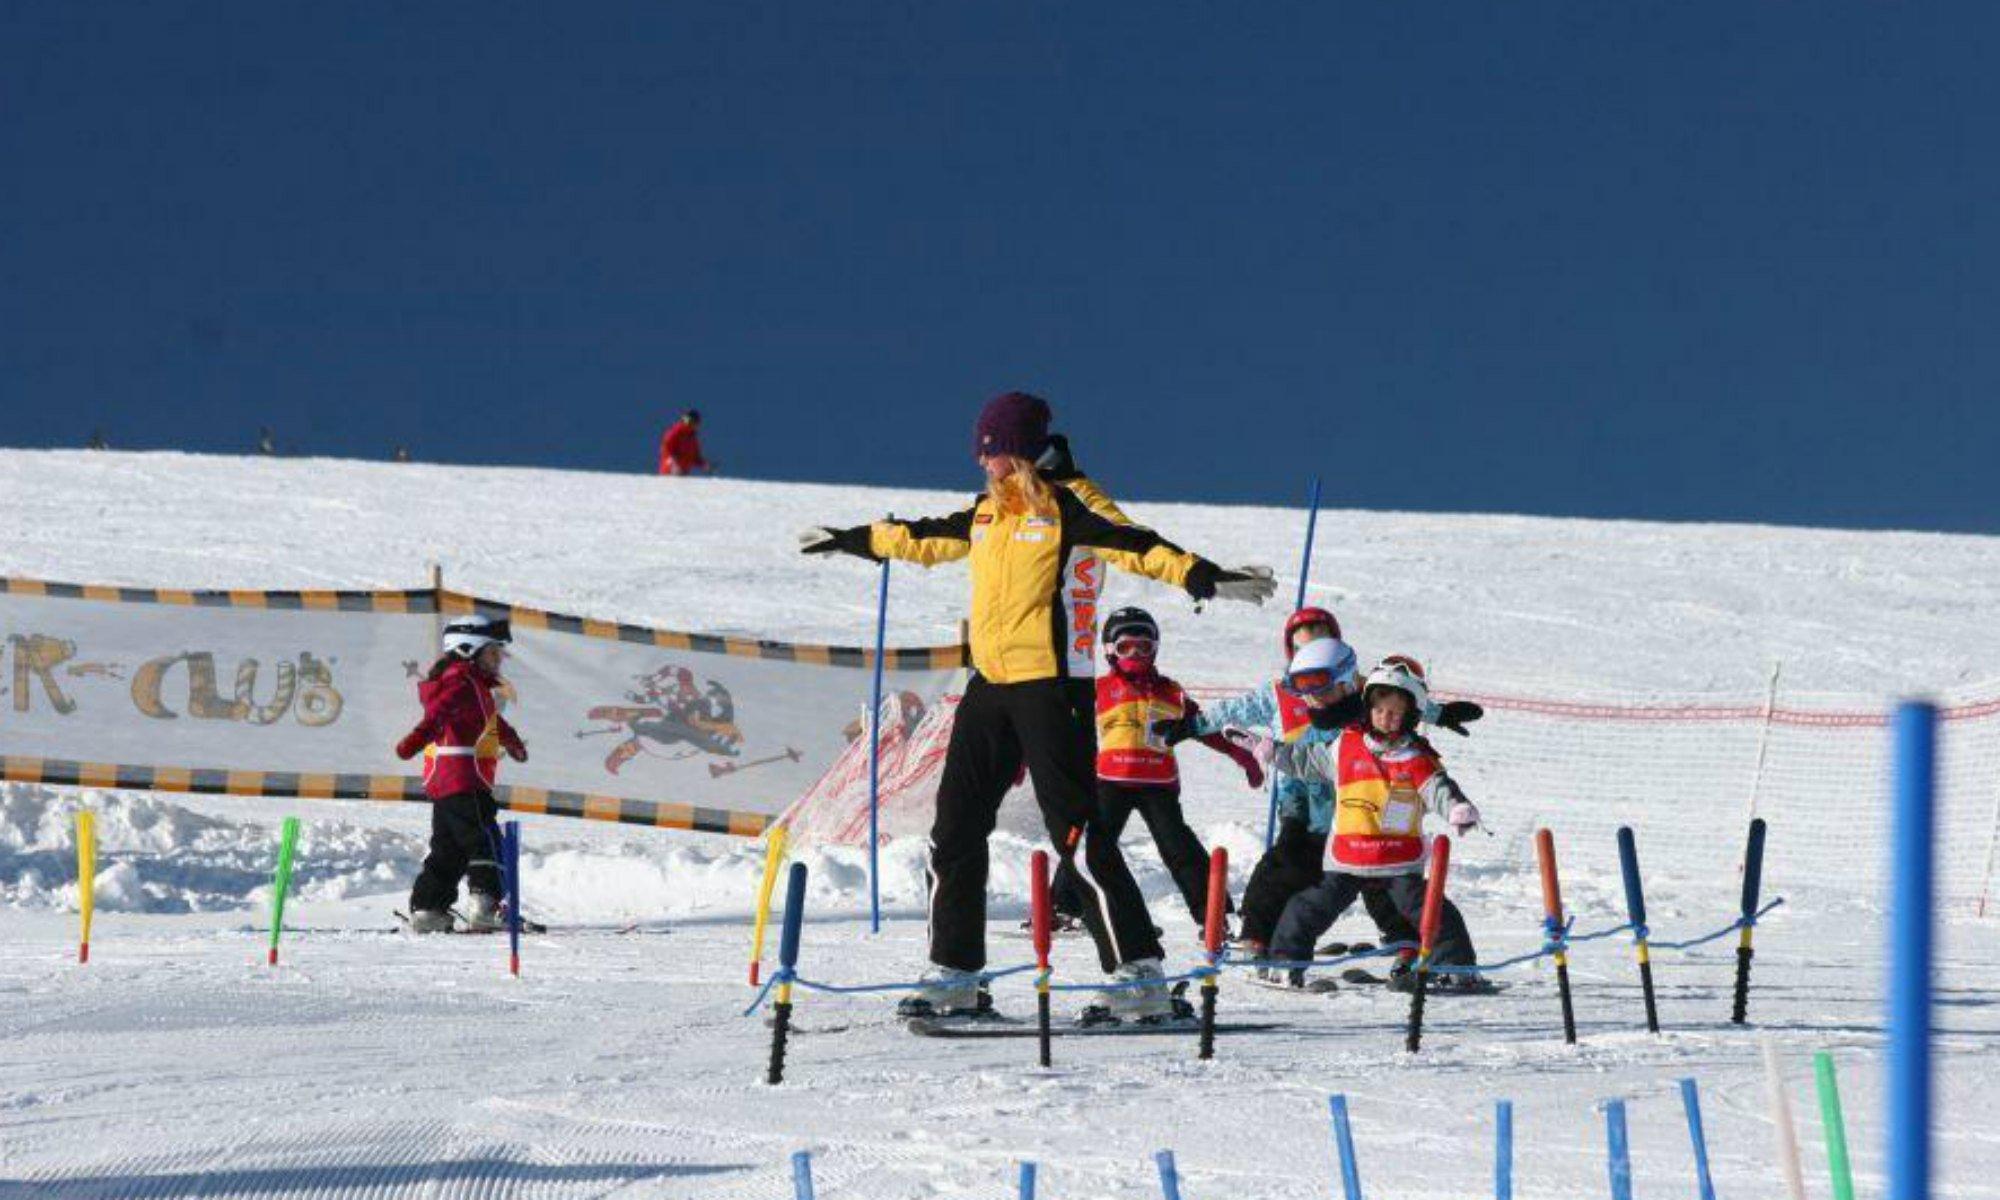 Eine Skilehrerin fährt mit einer Gruppe Kinder im Pflug durch das Kinderland.